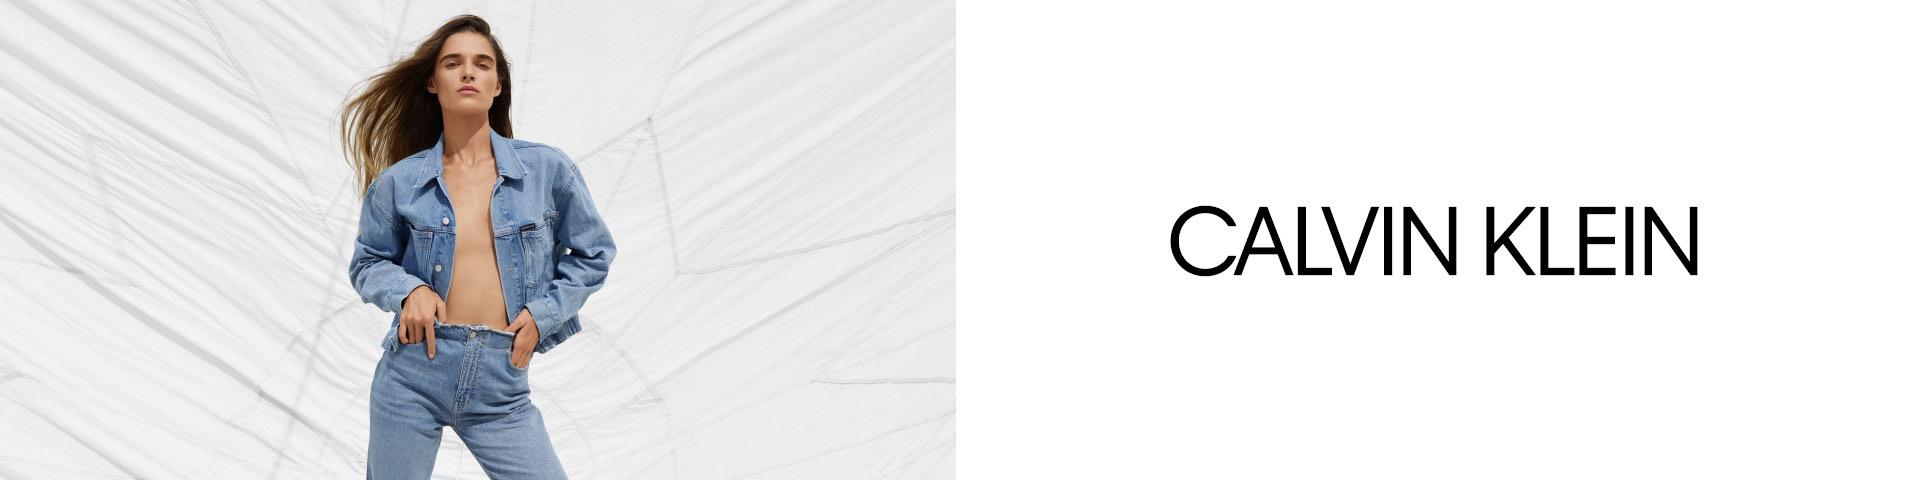 Kurtki zimowe damskie Calvin Klein mogą być stylowe! Odkryj